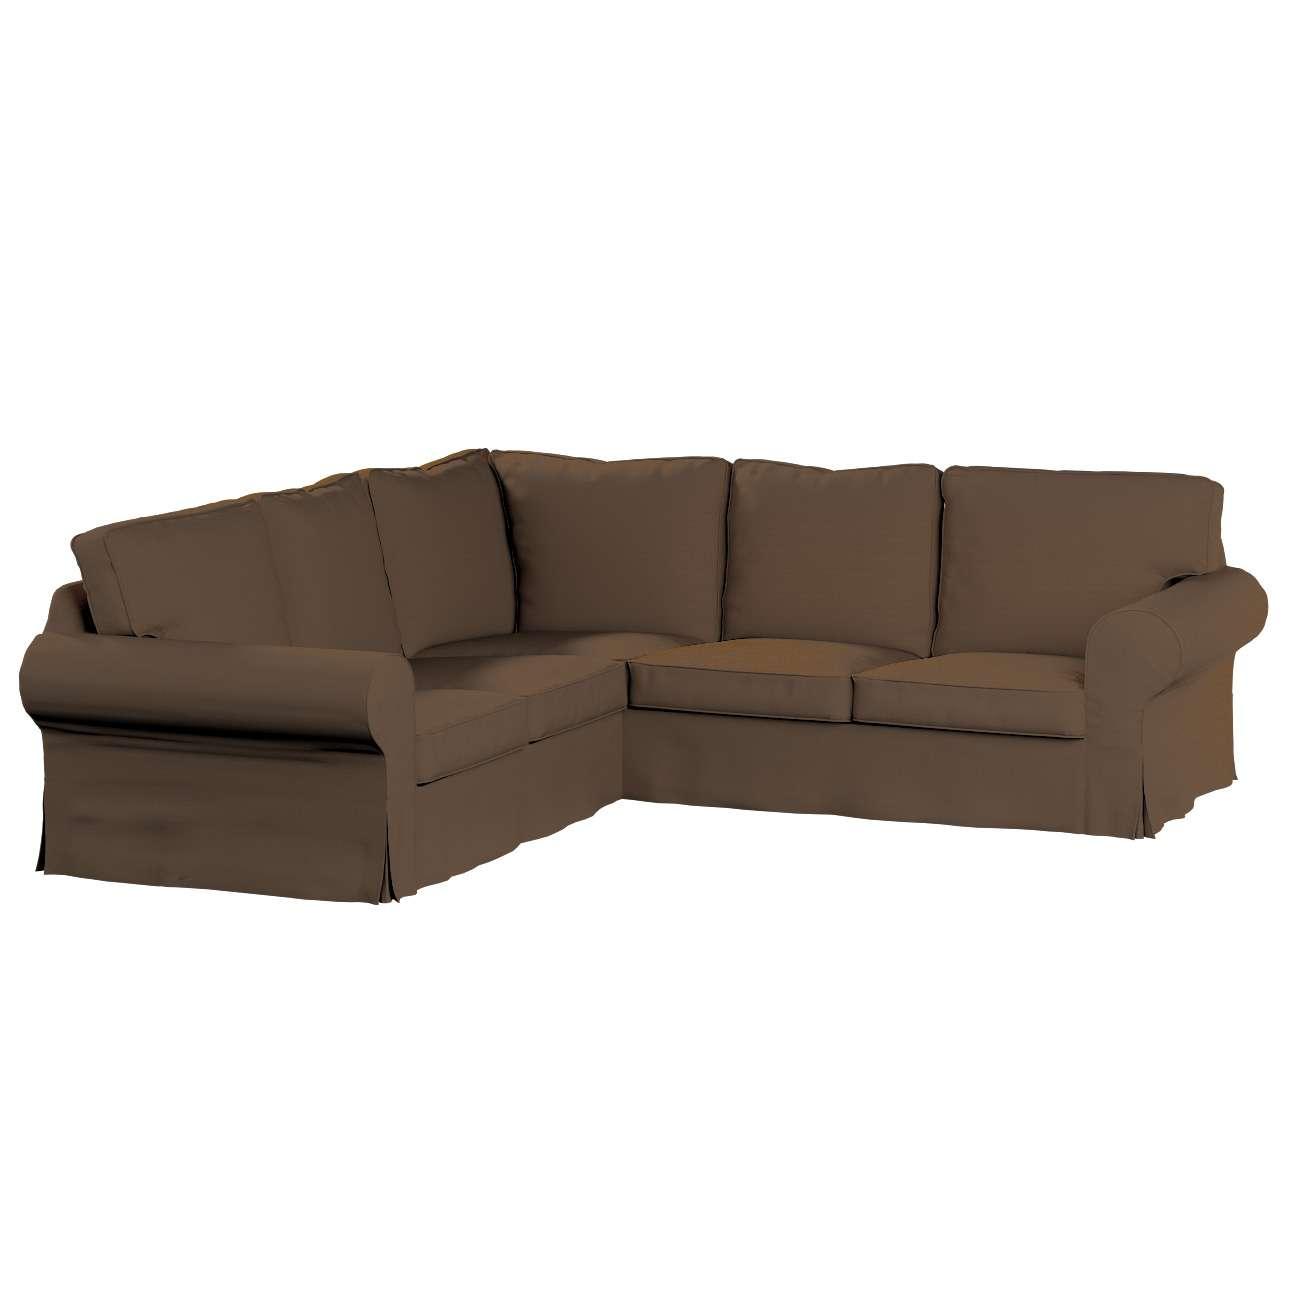 Ektorp kampinė sofa Ektorp kampinė sofa kolekcijoje Cotton Panama, audinys: 702-02